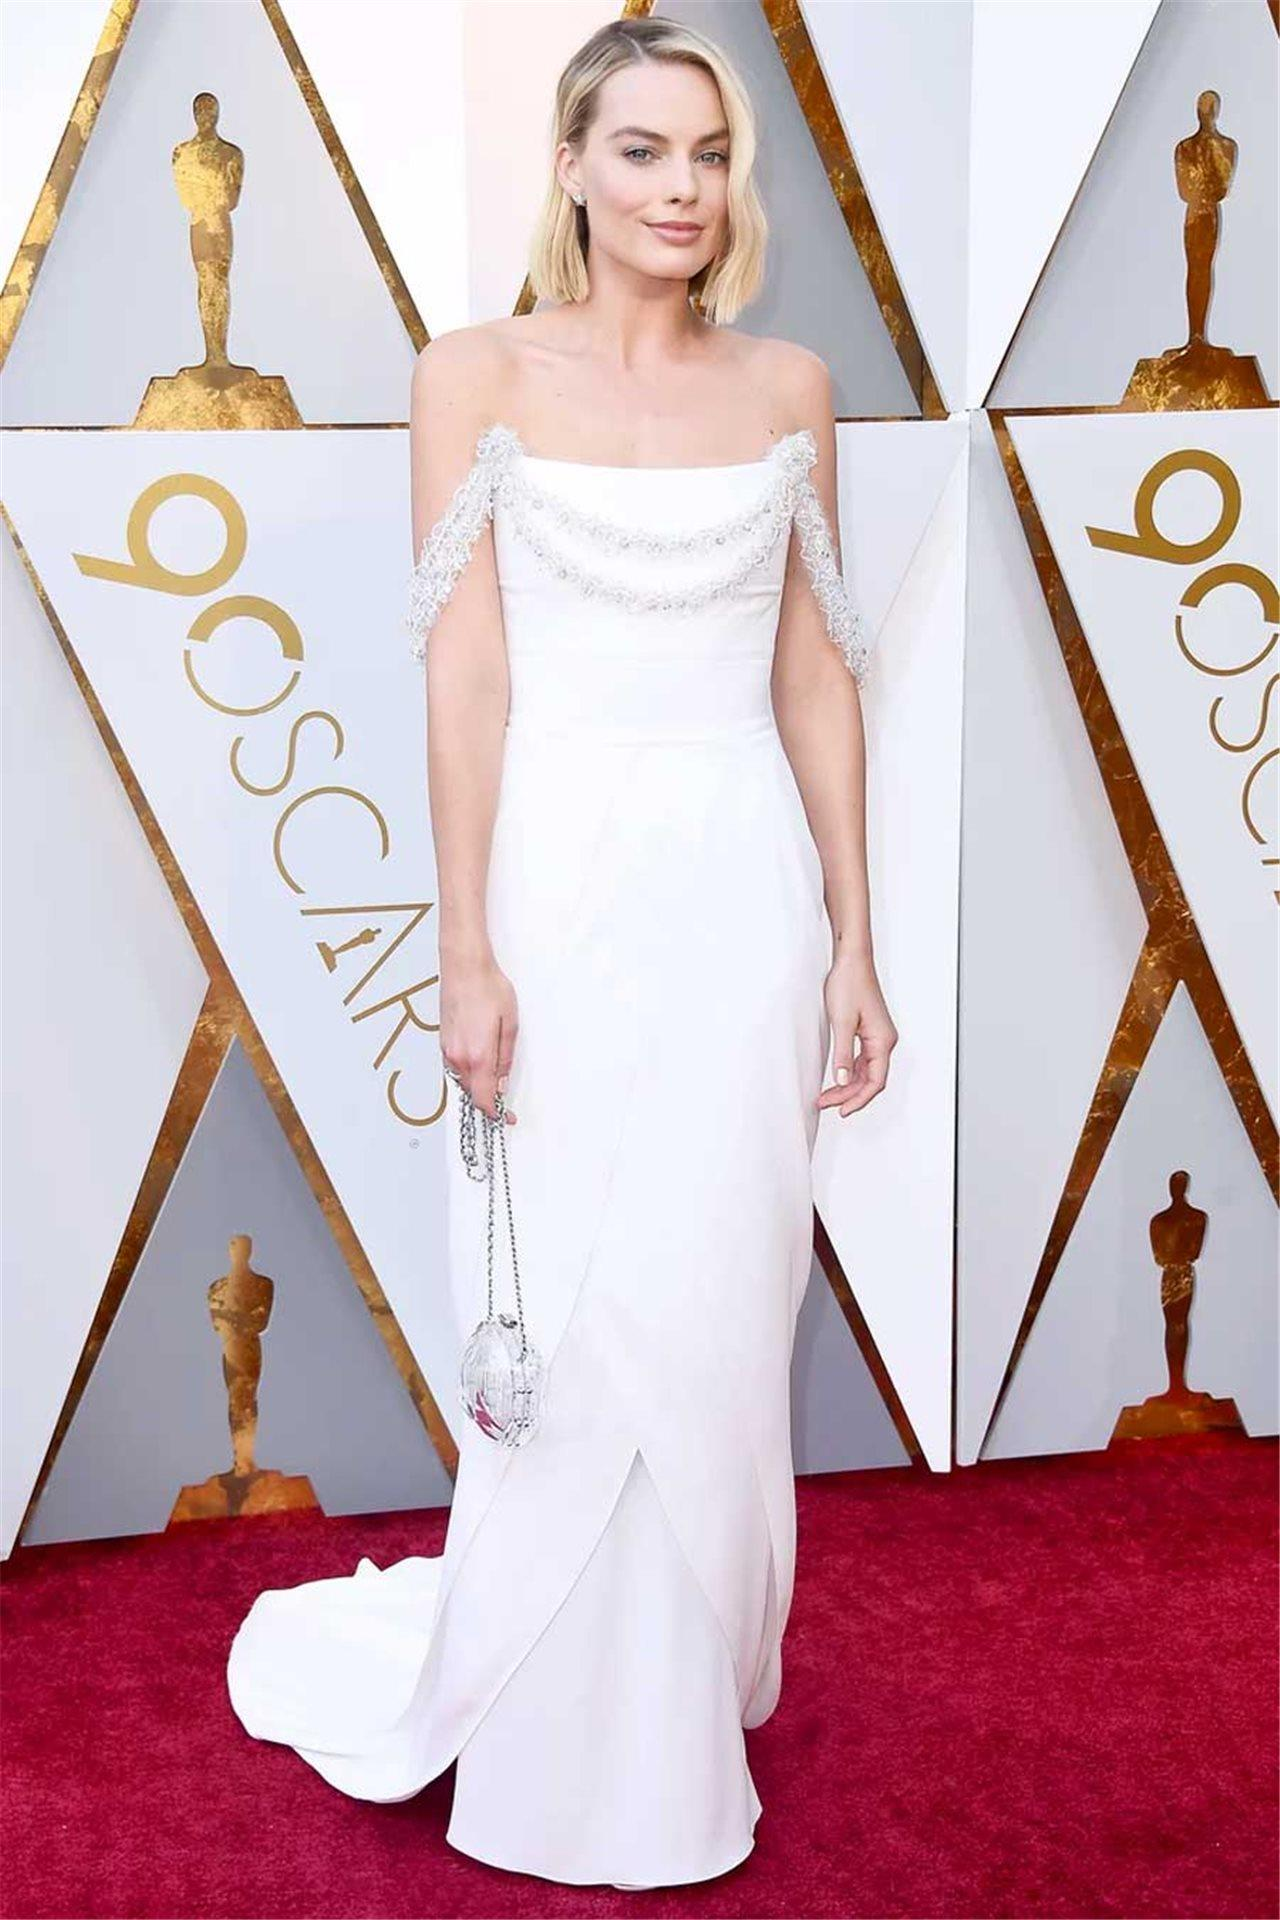 a210fde4c Hemos recopilado los mejores looks de moda que han lucido las 'celebrities'  este año. De las alfombras rojas más importantes a las bodas para recordar  (con ...